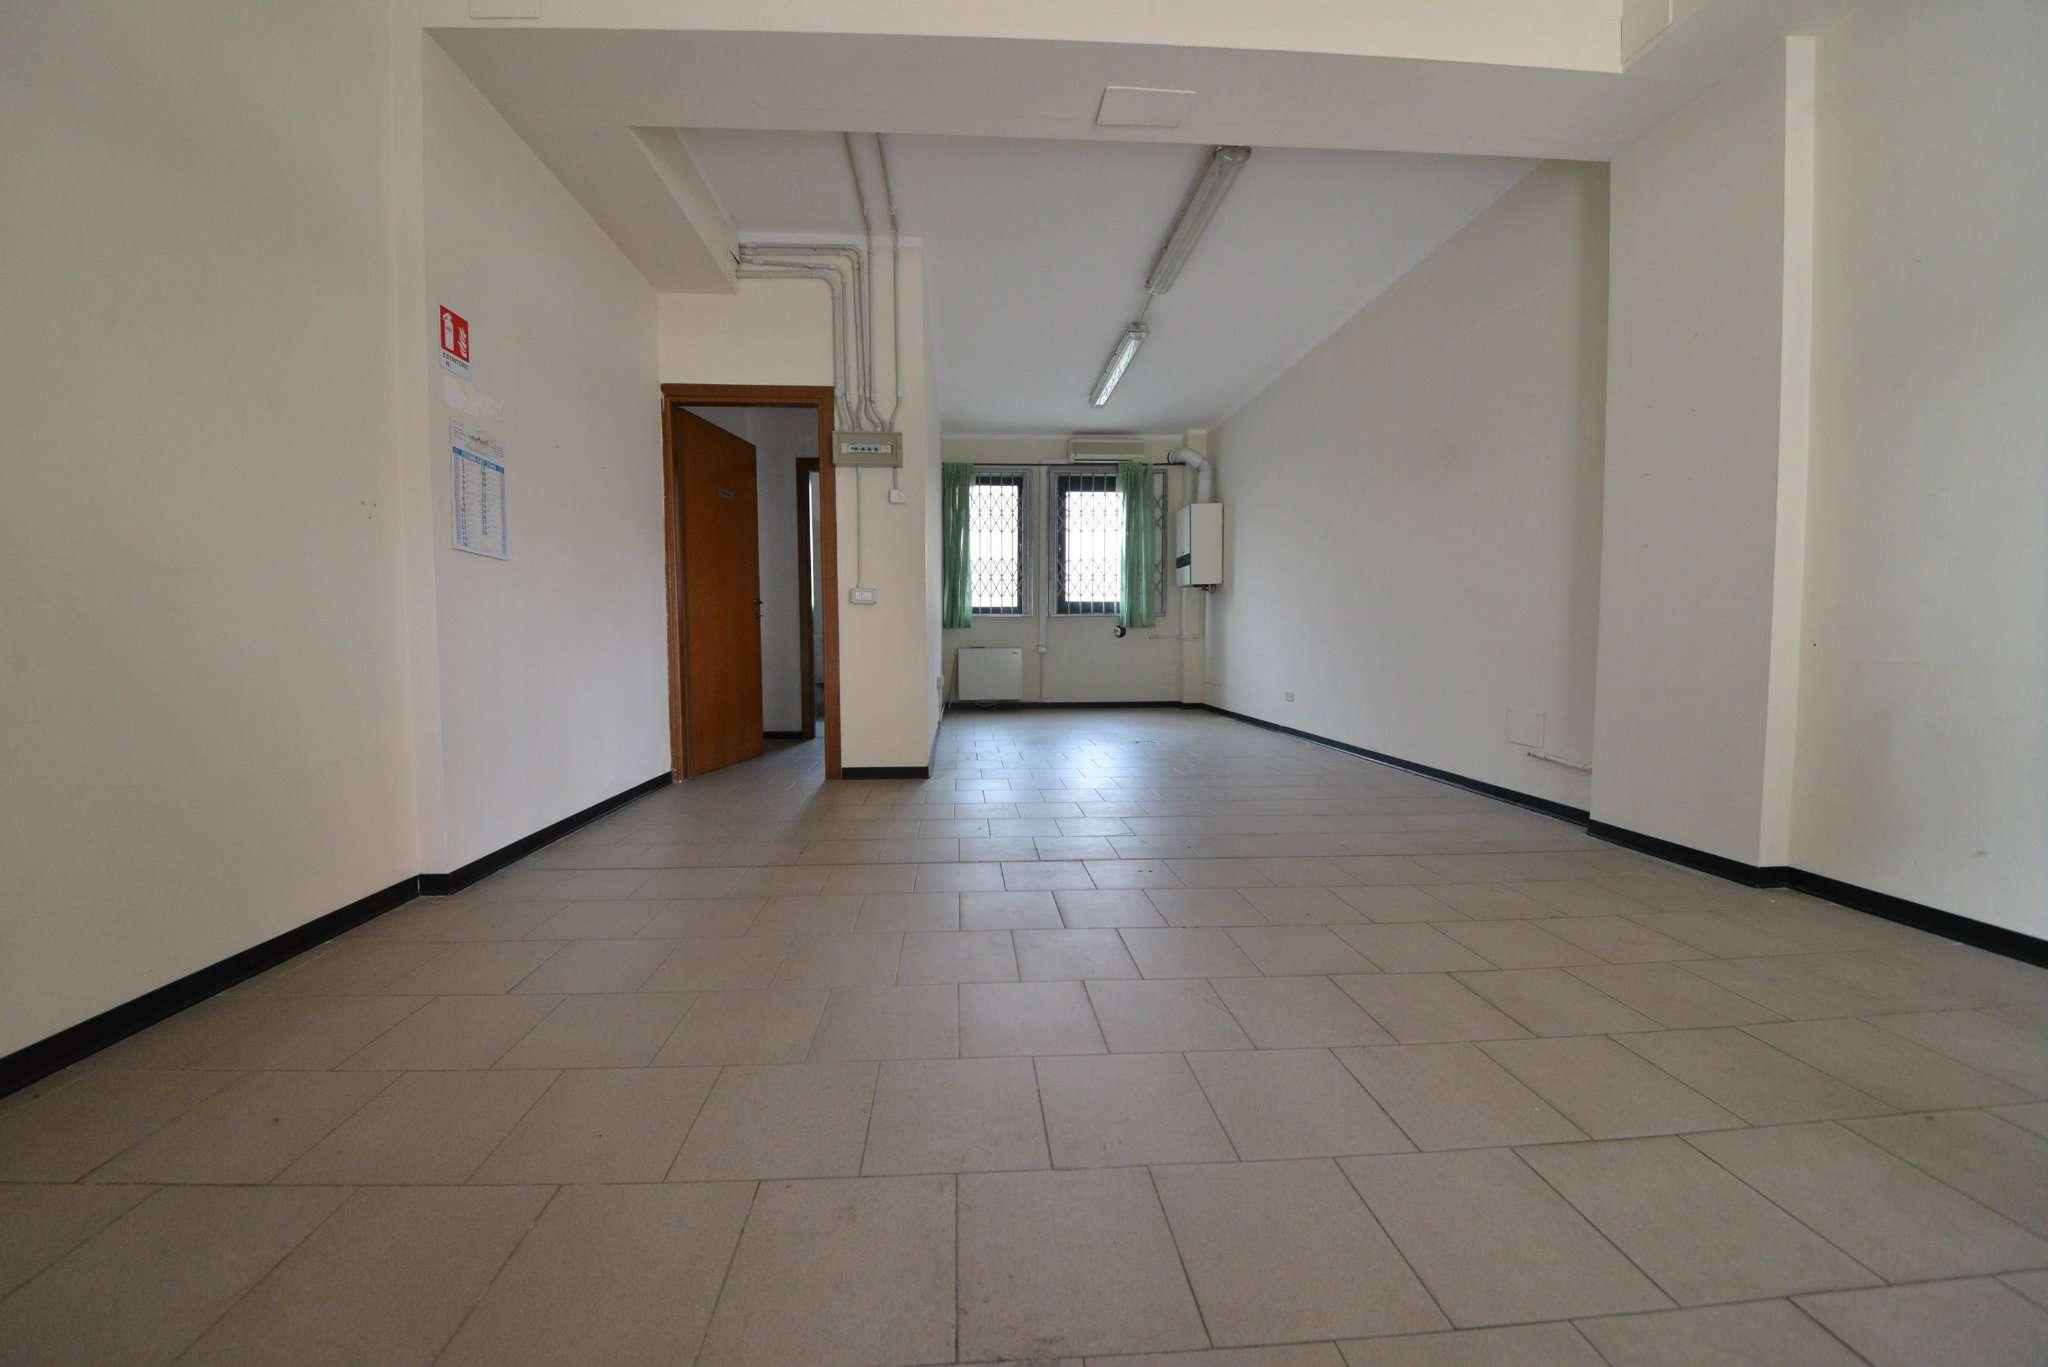 Negozio / Locale in affitto a Bollate, 1 locali, prezzo € 600 | Cambio Casa.it